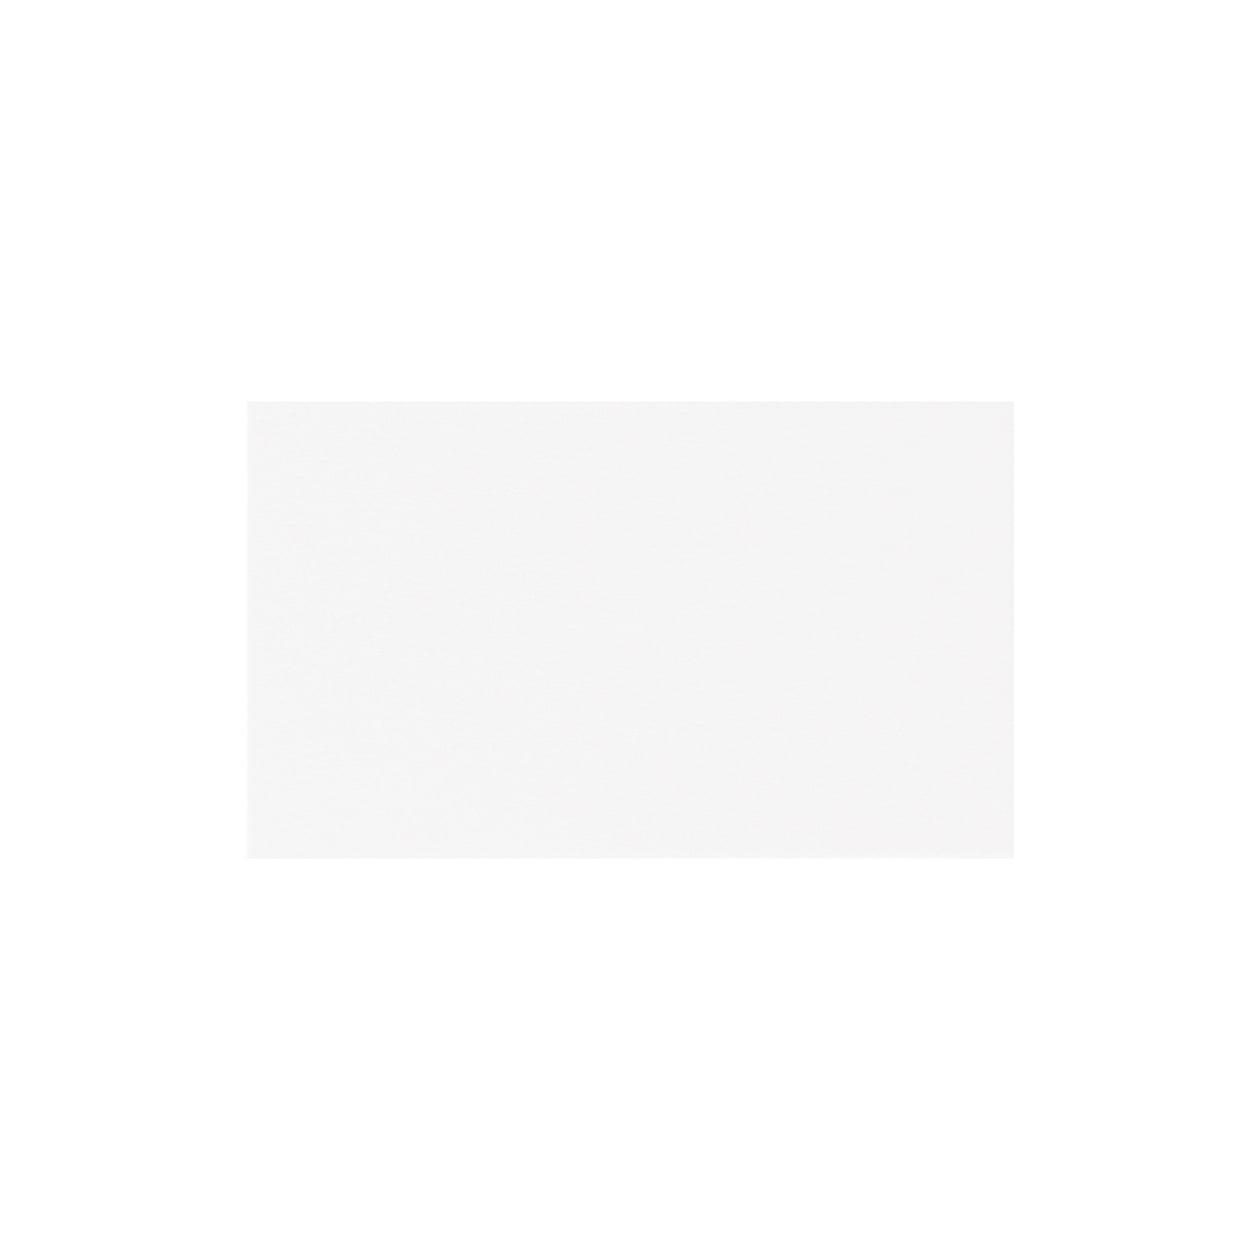 ネームカード コットン スノーホワイト 1046.4g